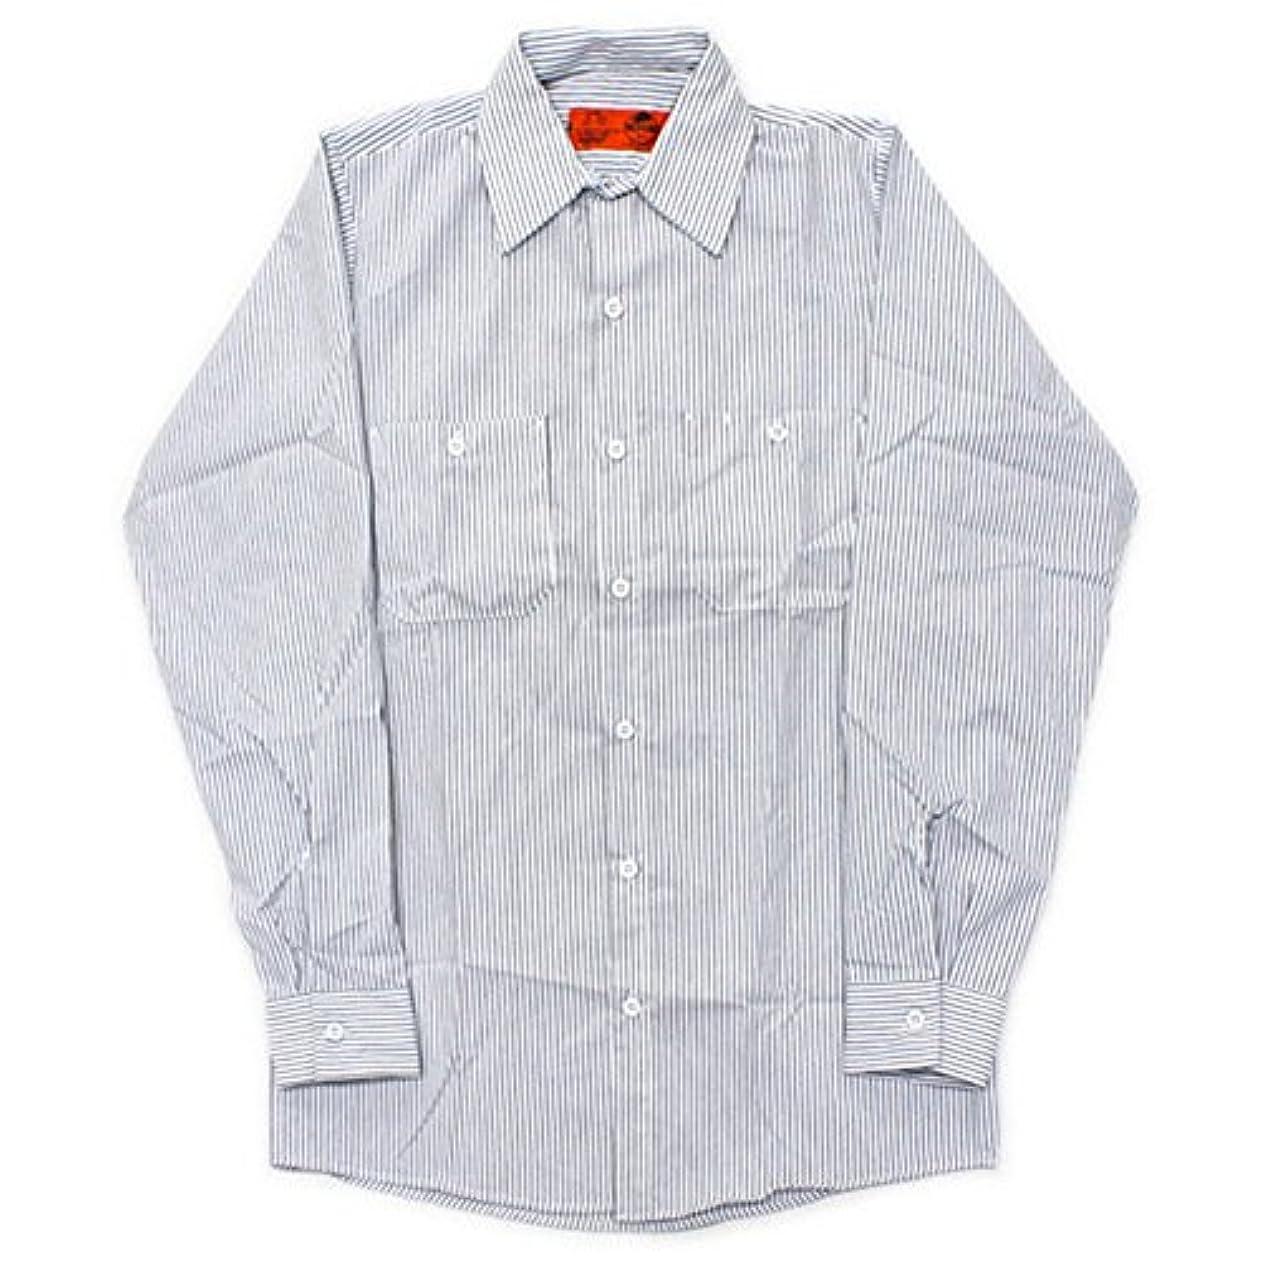 特徴オーナー前任者RED KAP(レッドキャップ)/LONG SLEEVE STRIPE WORK SHIRTS(長袖ストライプワークシャツ) M White/Gray